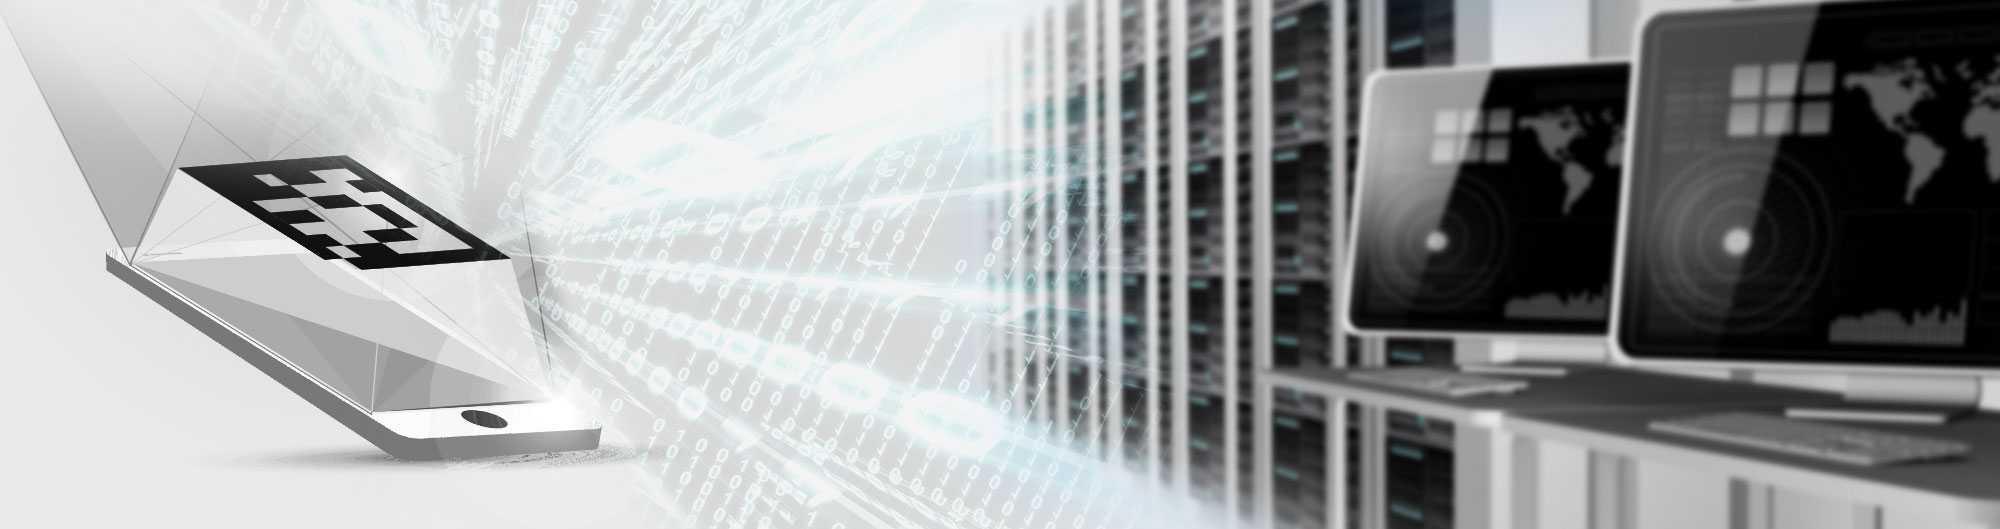 NexCodeR Secure Credentials